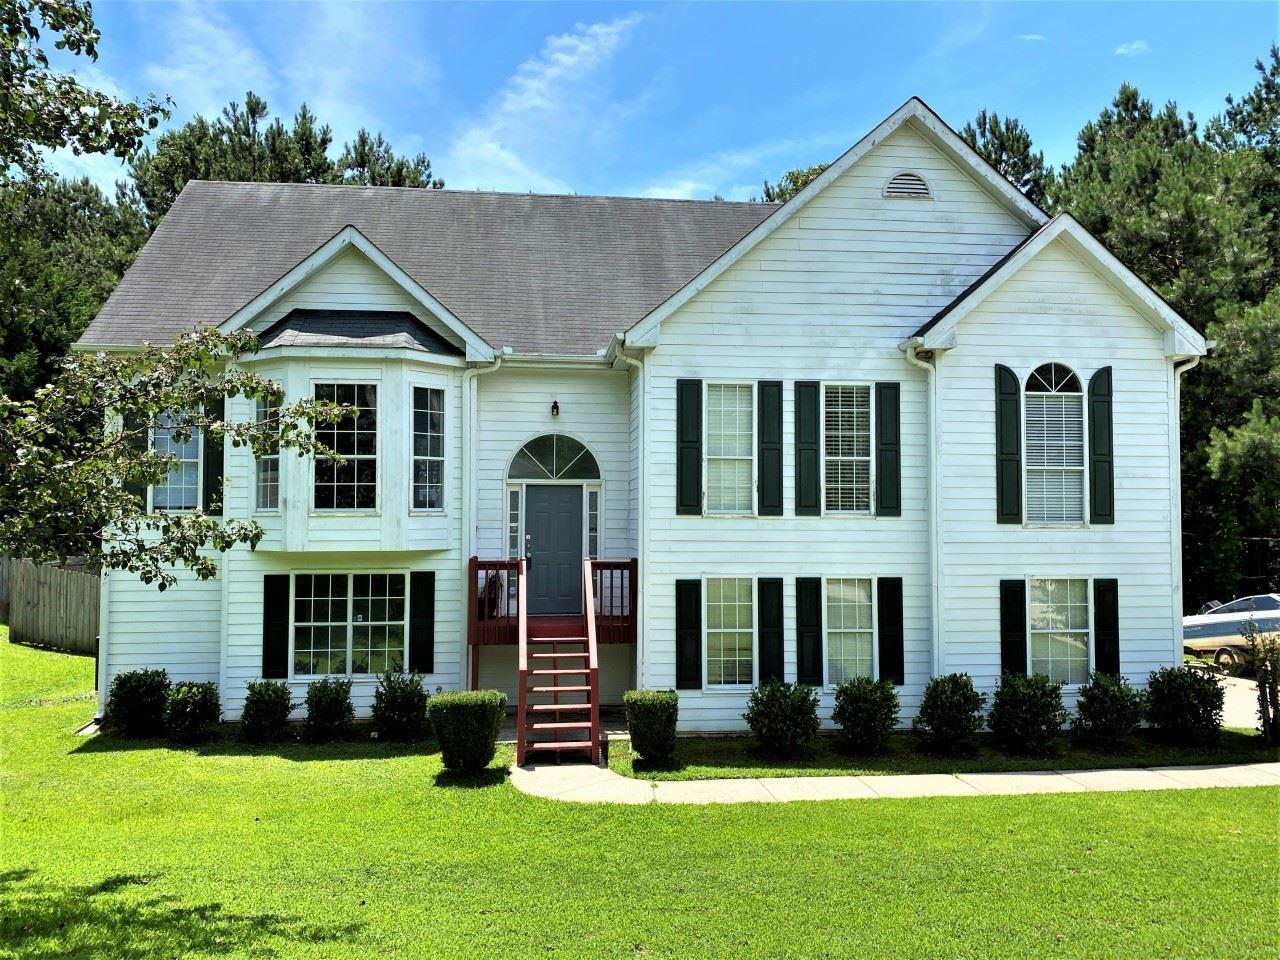 3165 Willow Park Dr, Dacula, GA 30019 - MLS#: 8805658